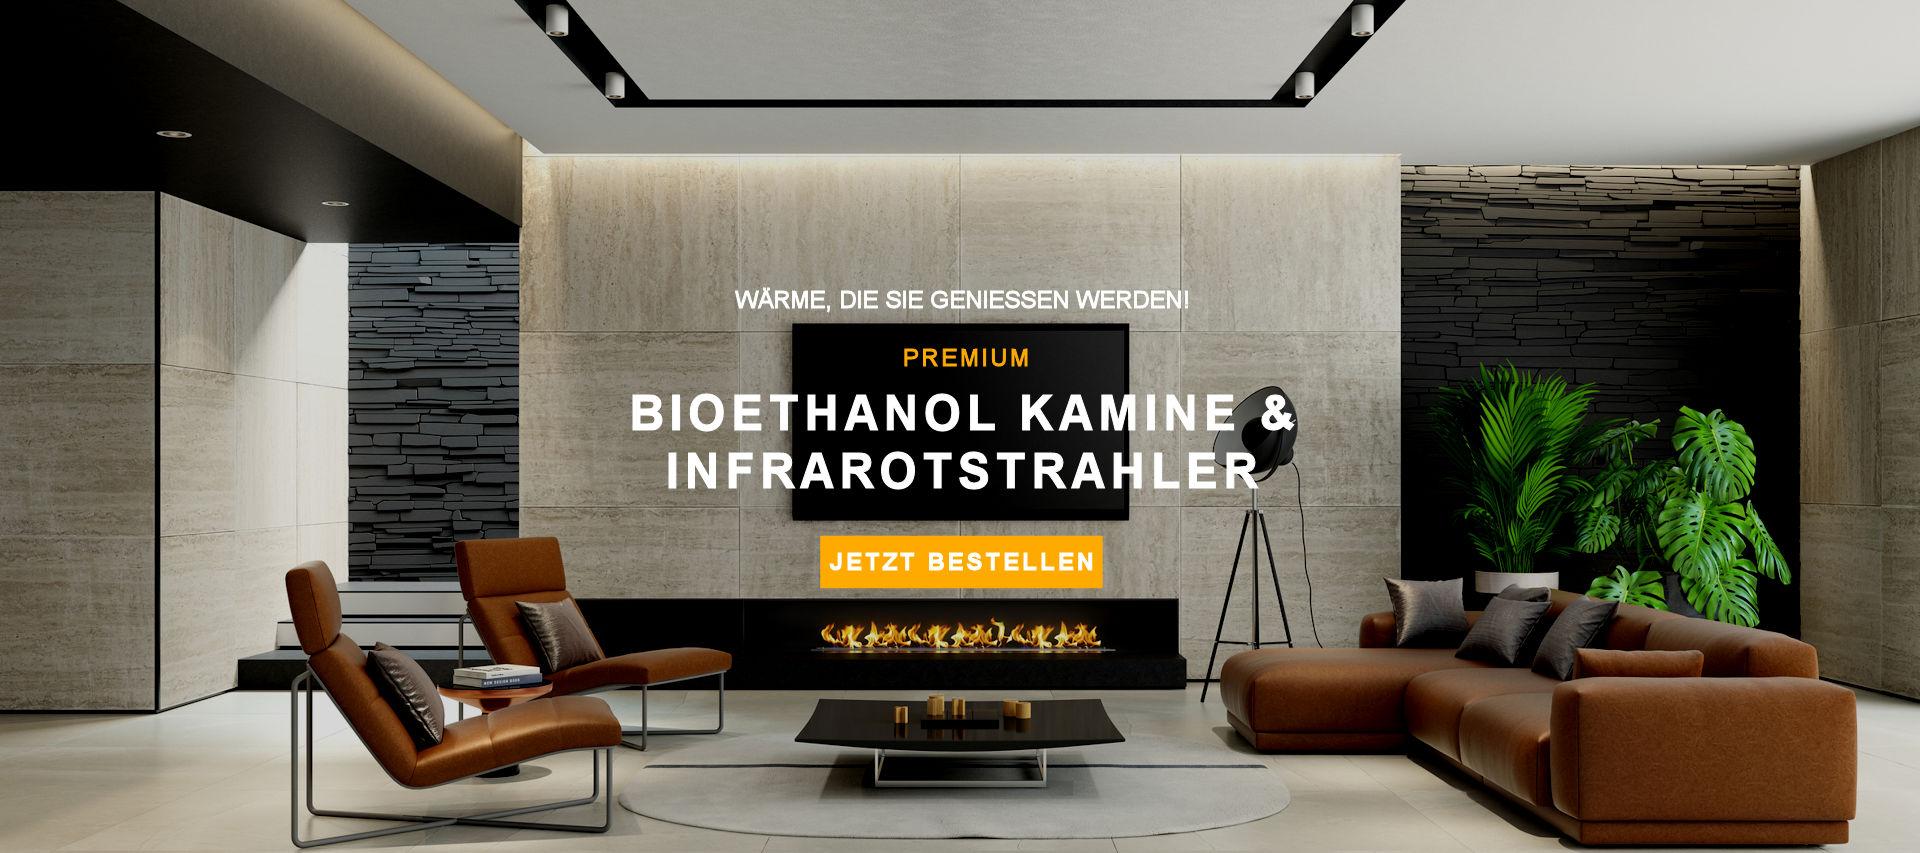 Premium Bioethanol Kamine & Infrarotstrahler